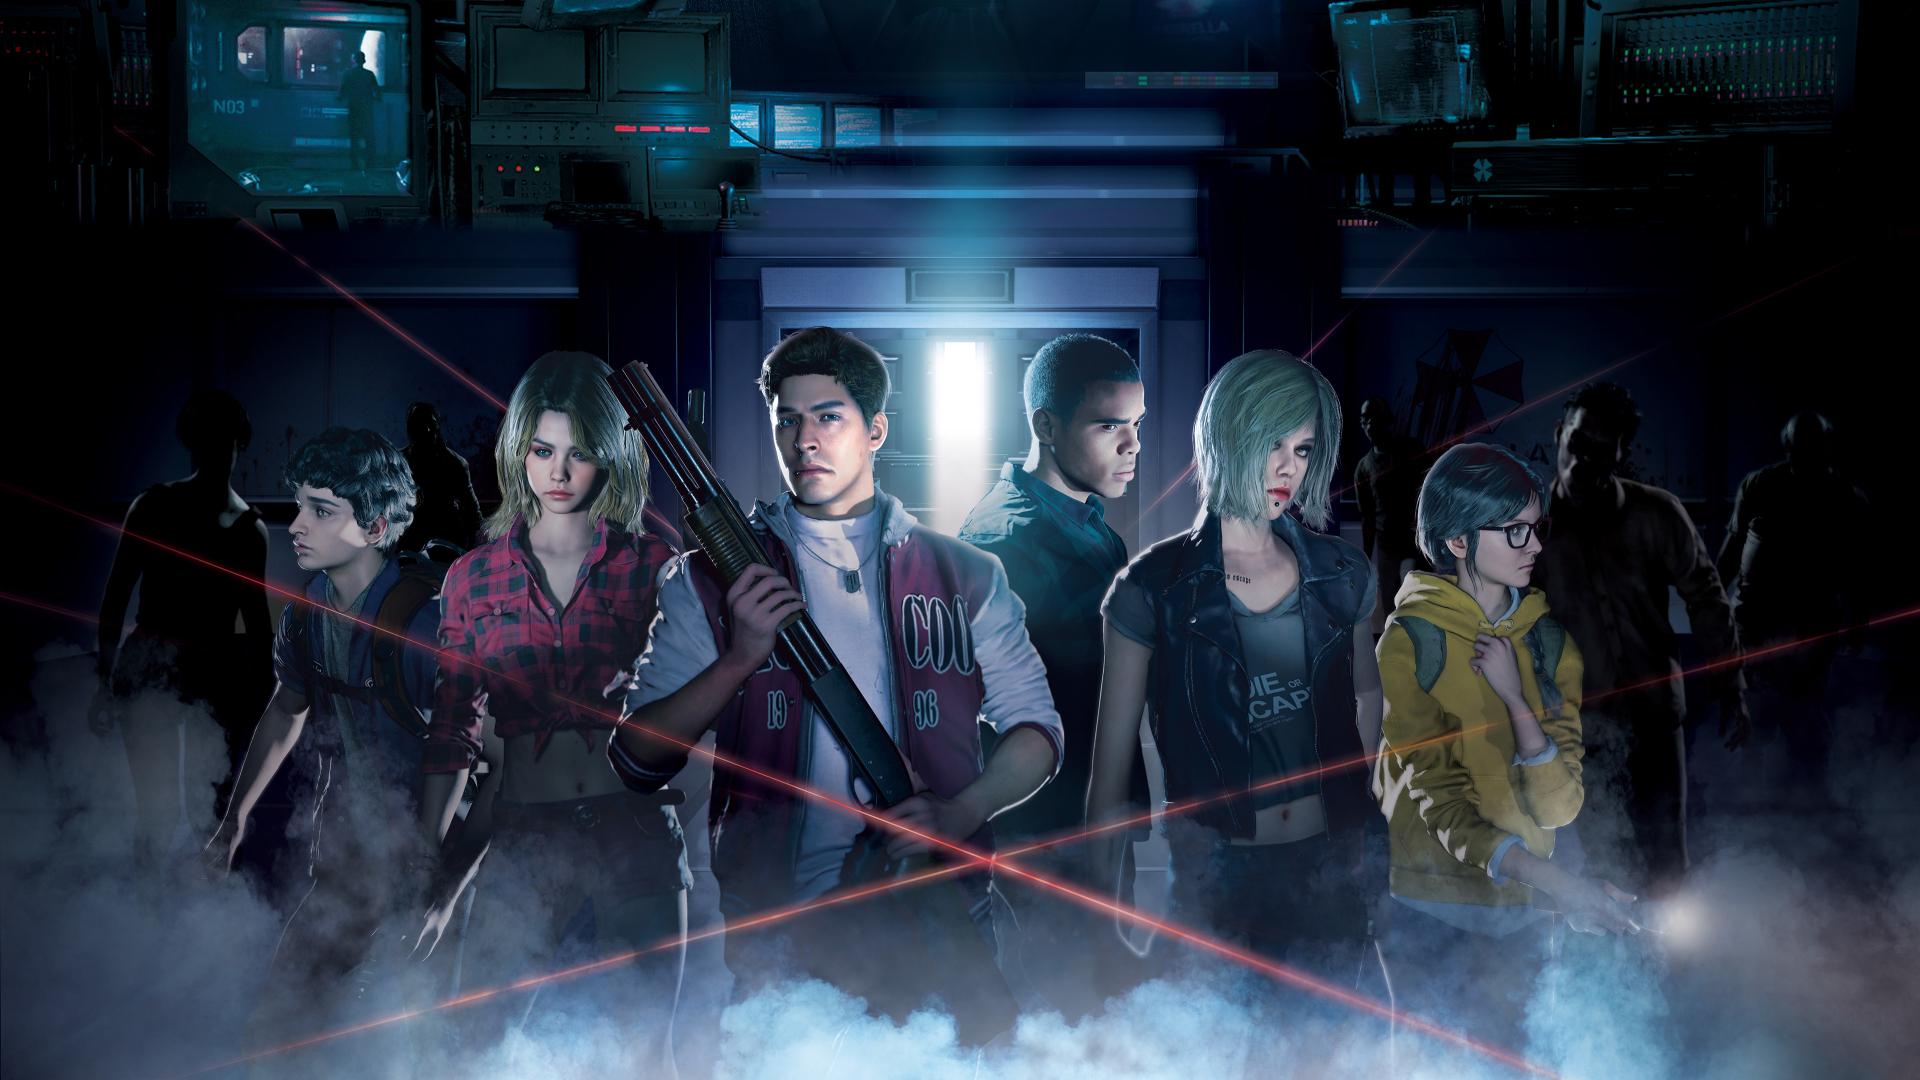 1920x1080 Resident Evil 3 Remake 1080p Laptop Full Hd Wallpaper